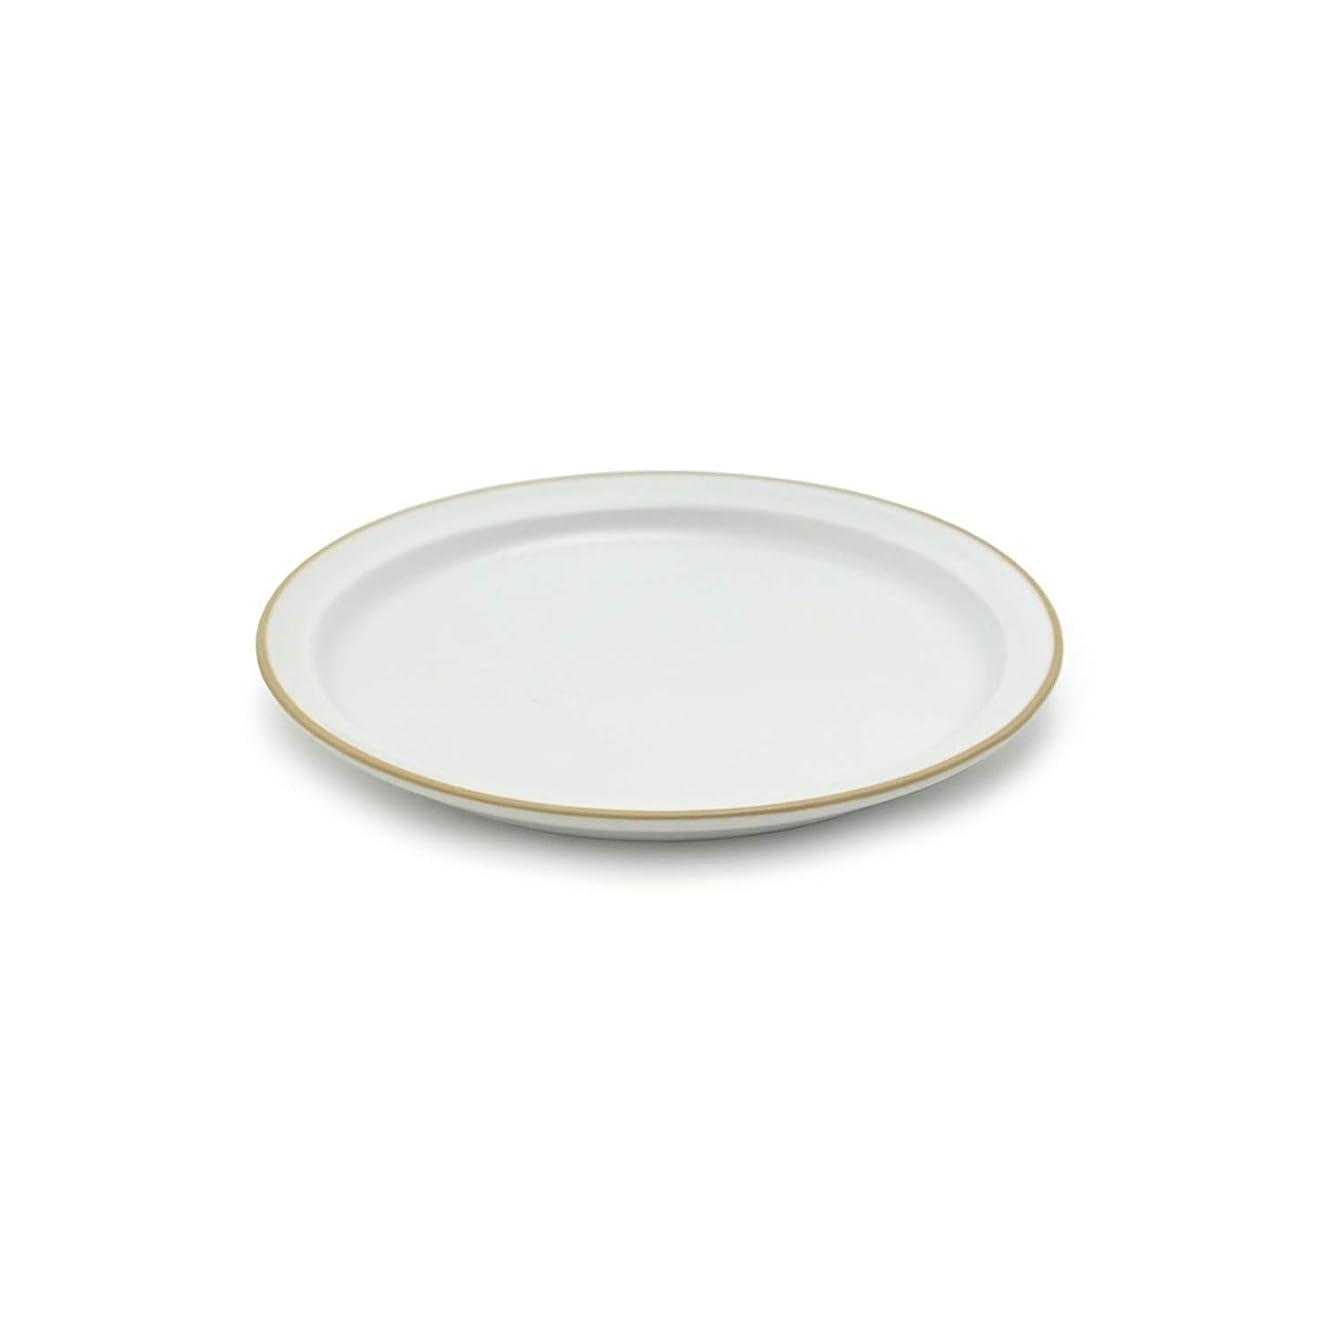 チャーターインシュレータ受信TAMAKI プレート エッジライン ホワイト 5個セット 直径14×高さ1.8cm 電子レンジ?食洗機対応 T-788417